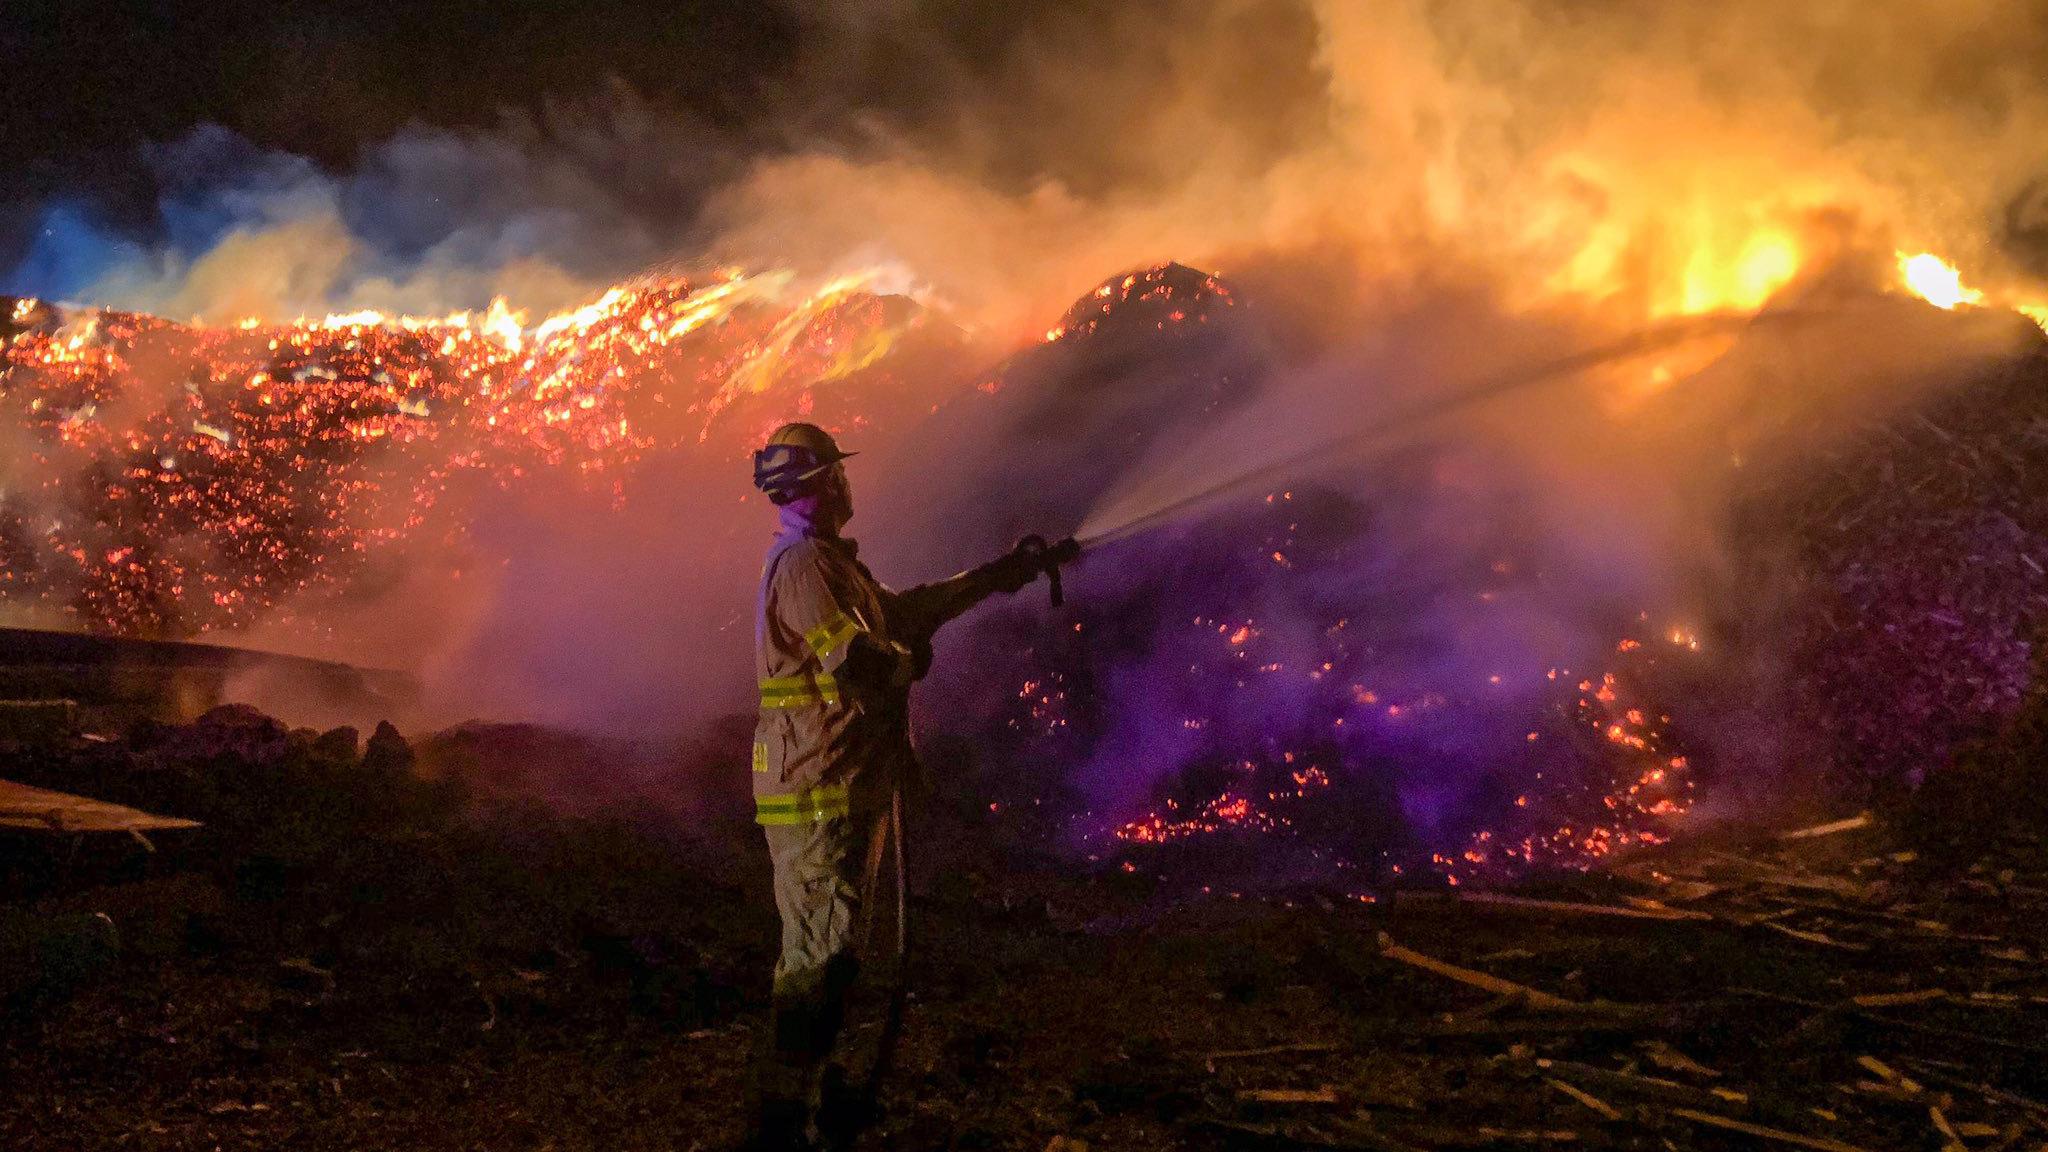 mulch fire